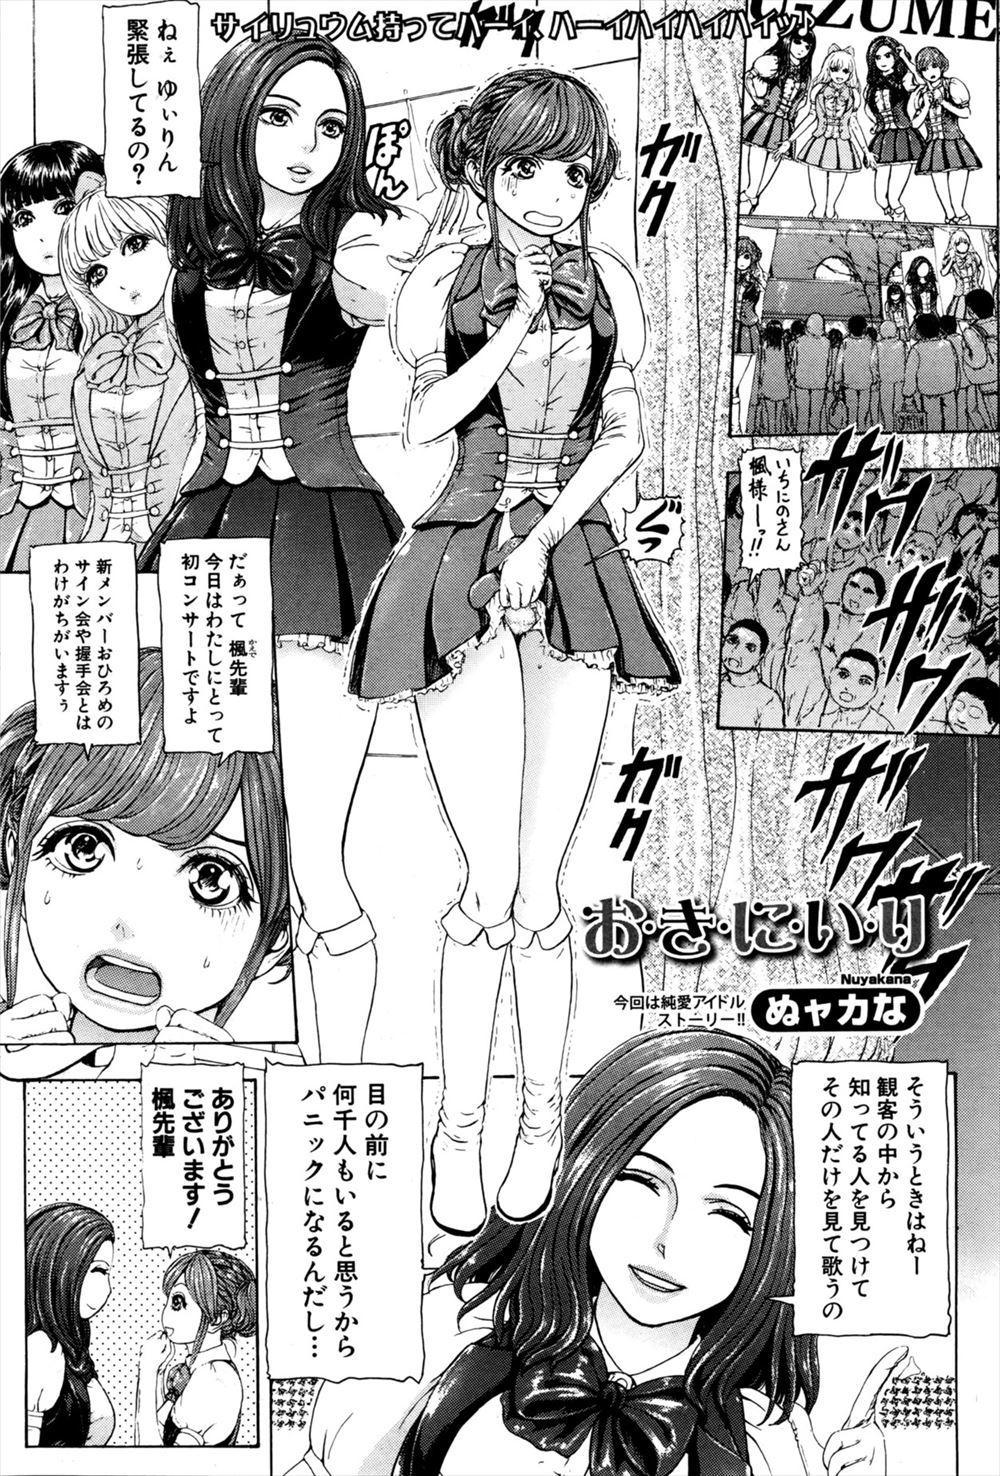 【エロ漫画】女性アイドルグループの打ち上げは乱交パーティーだったのかWWW